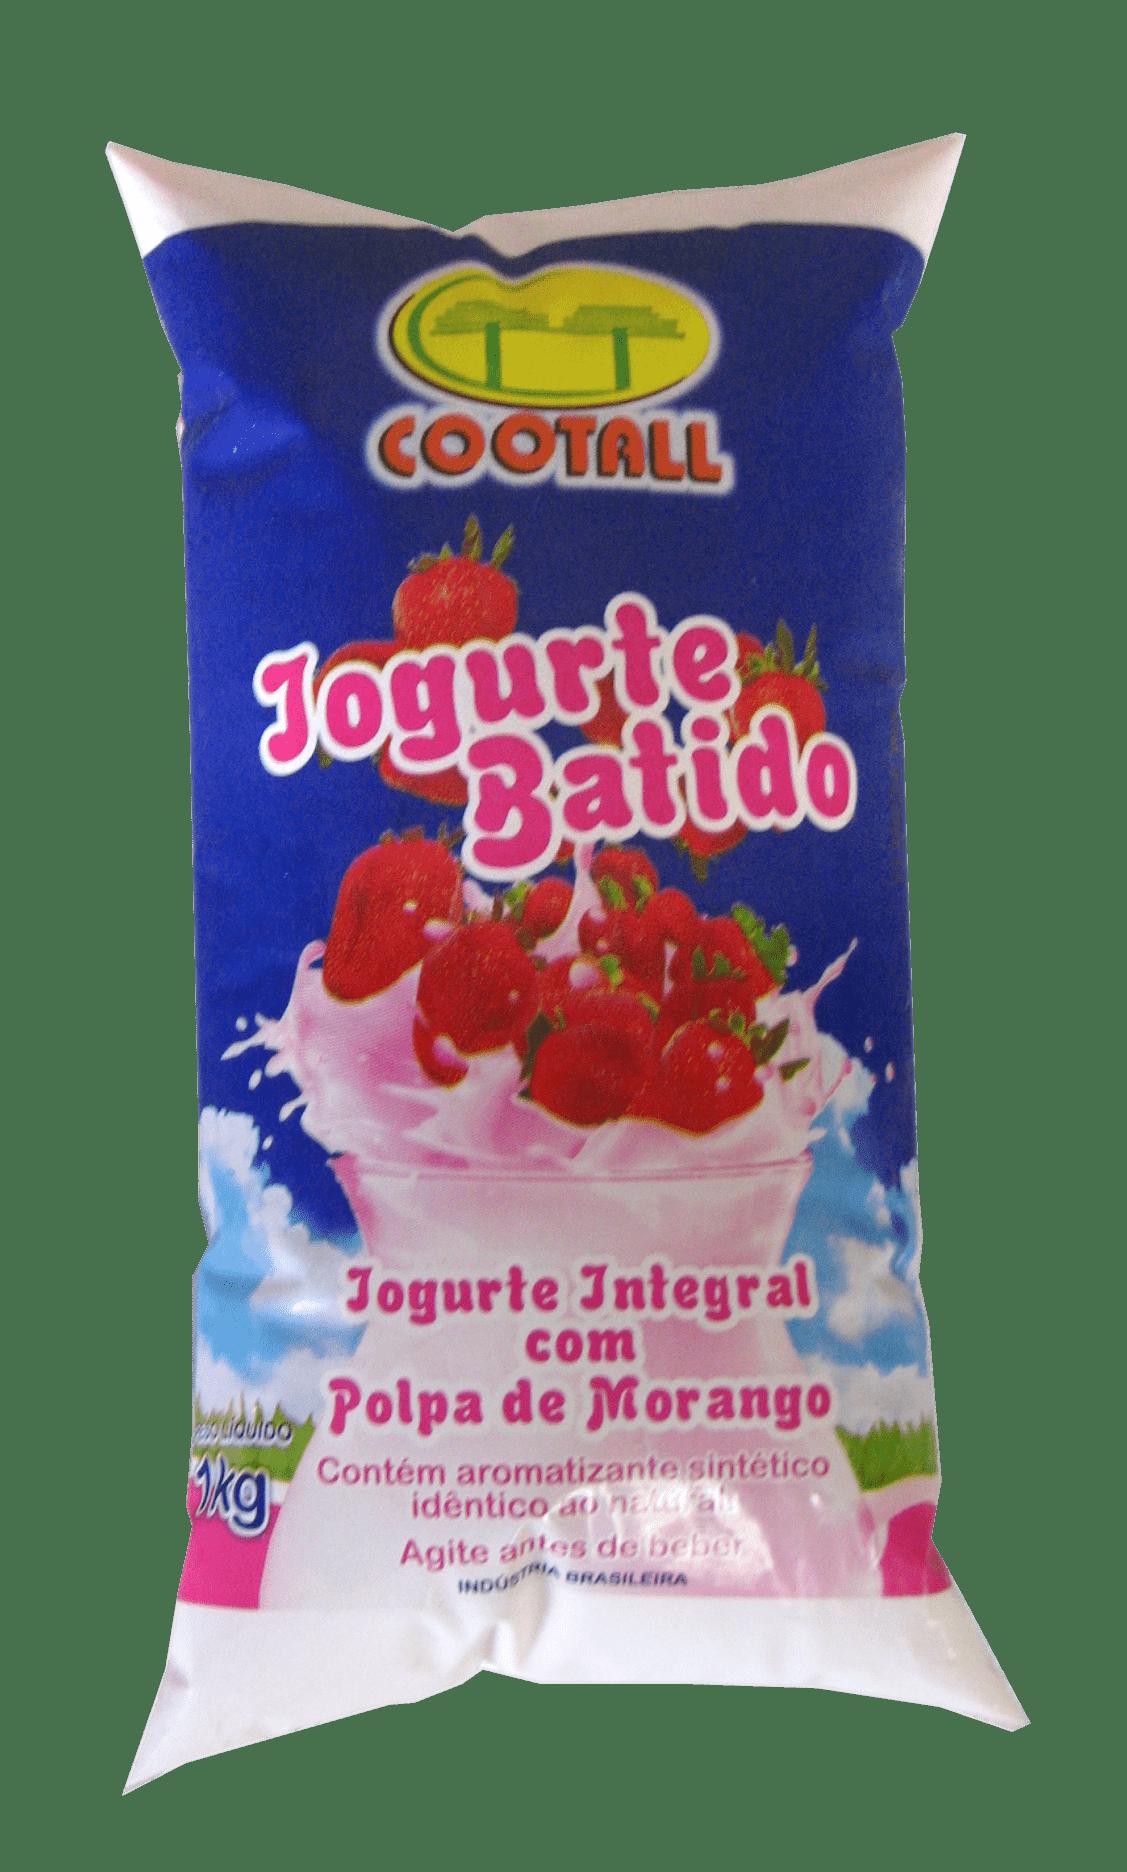 Iogurte batido